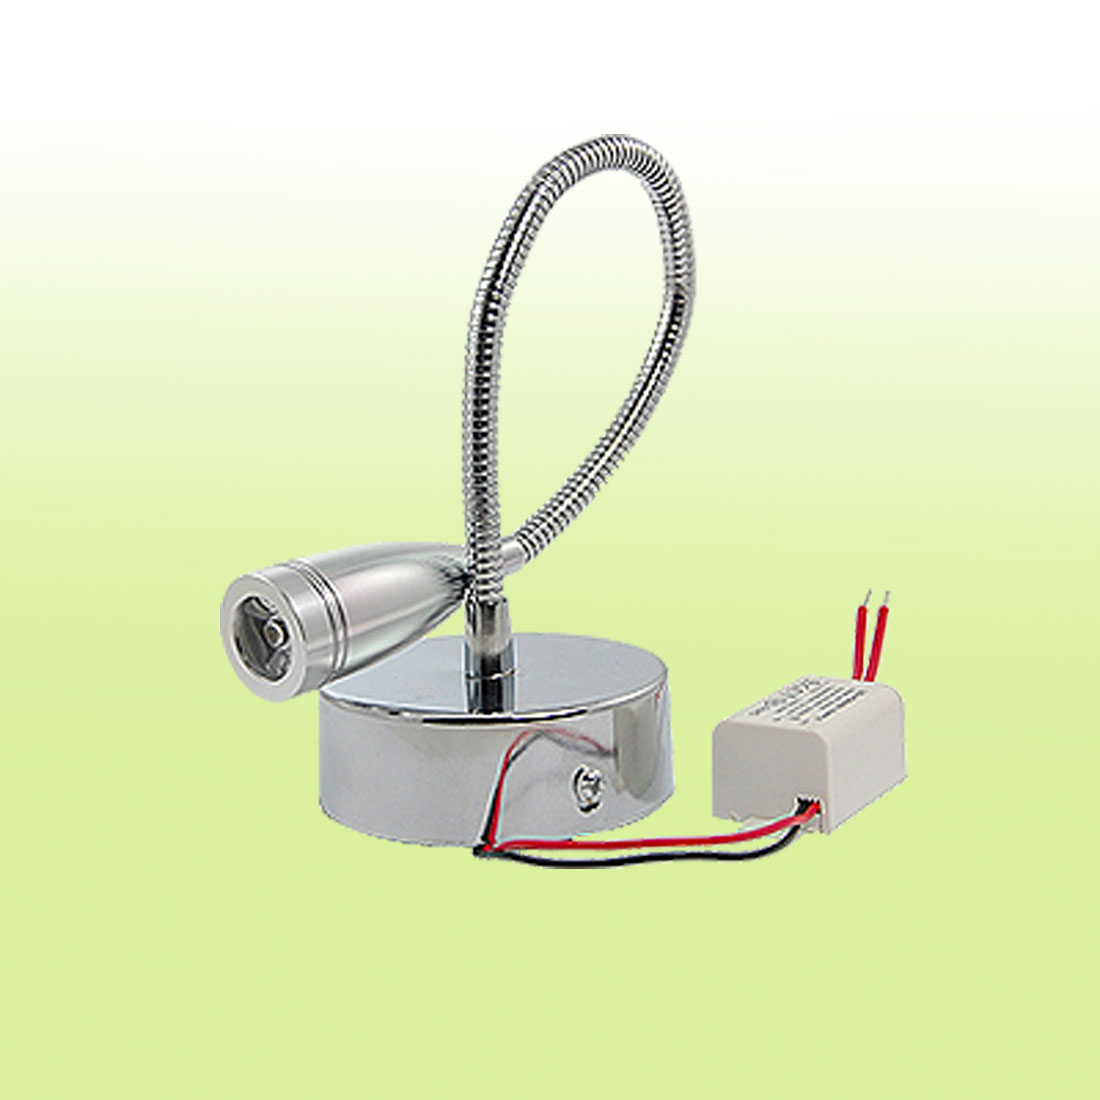 Warm White Light 1 LED Flexible Neck Spotlight Bulb 3200K 3W